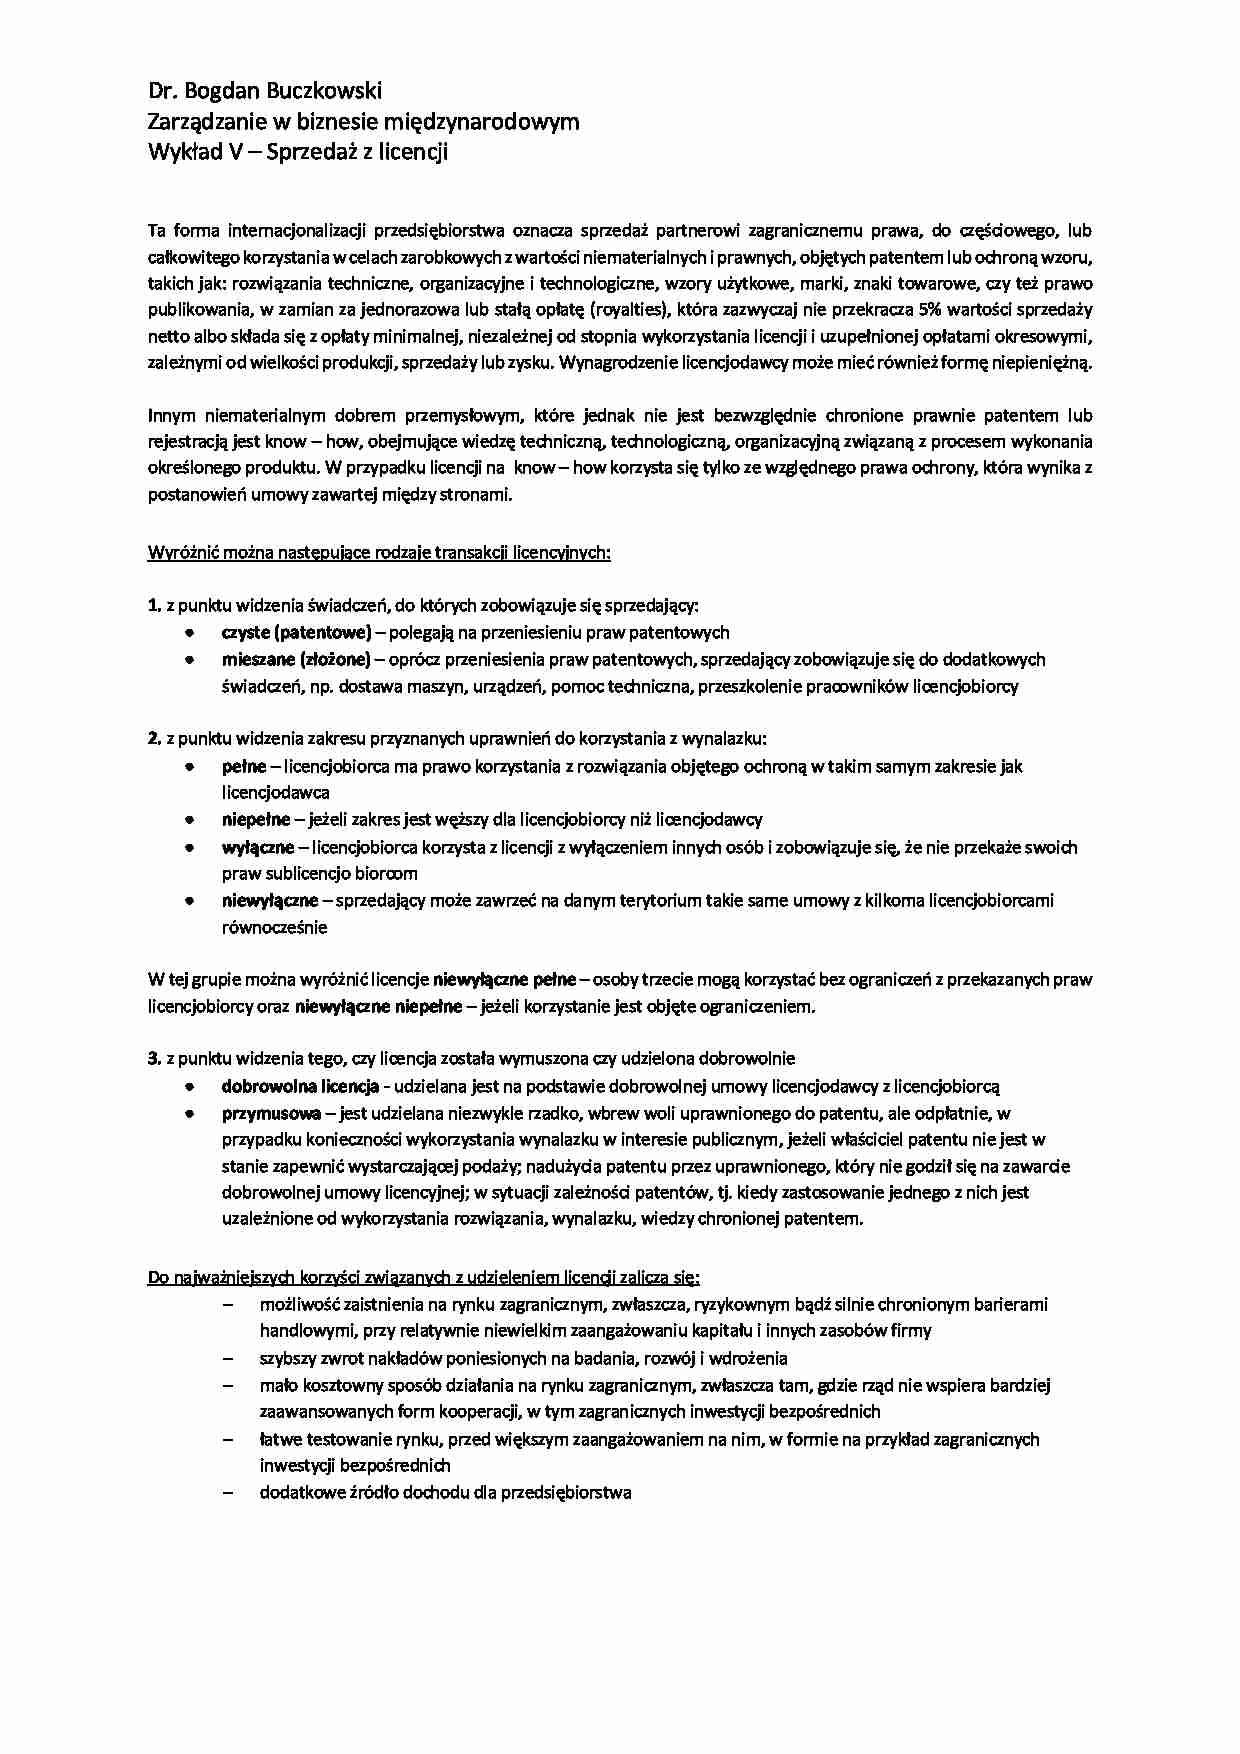 bfc126e57758d8 Podgląd dokumentu Sprzedaż licencji - wykład - strona 1 ...